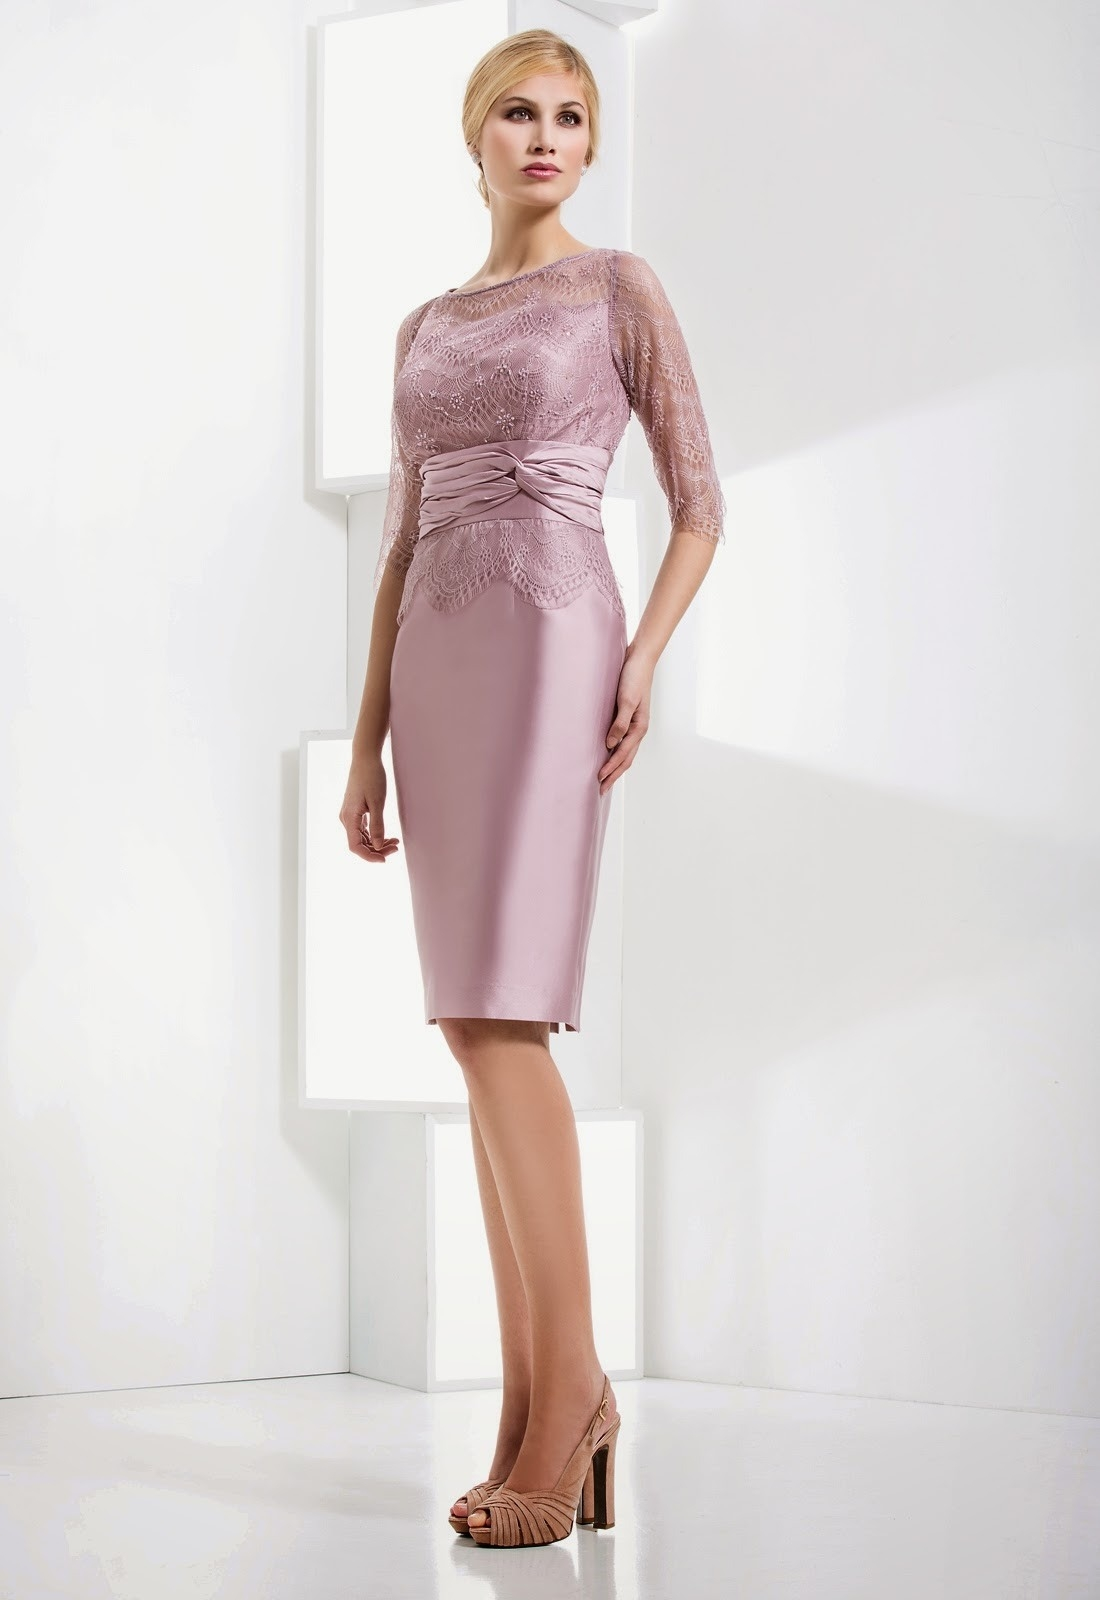 10 Einfach Elegante Kostüme Zur Hochzeit für 201910 Elegant Elegante Kostüme Zur Hochzeit Stylish